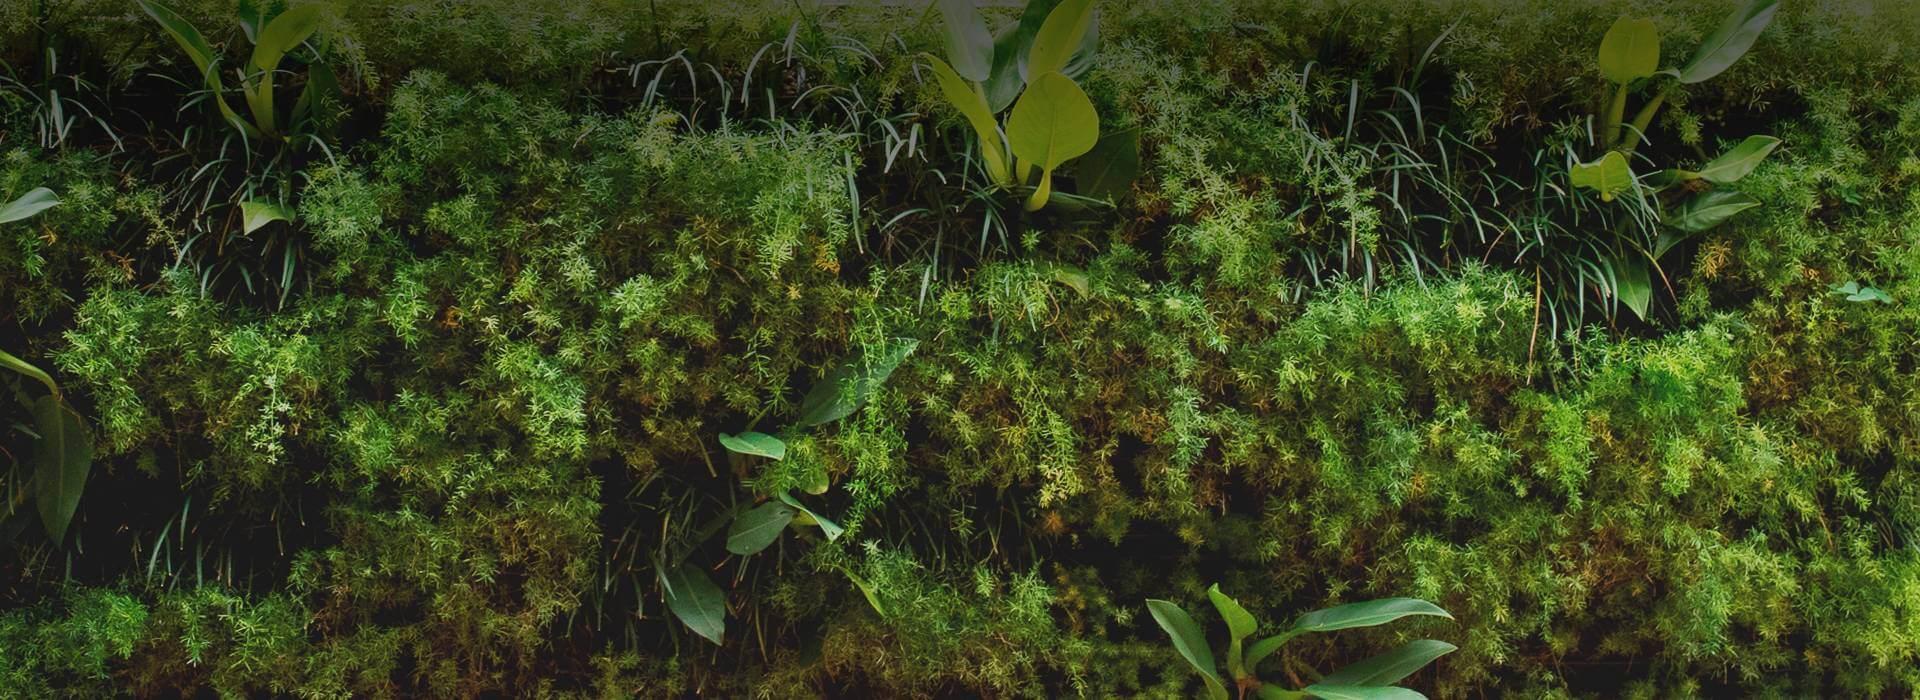 Sistemas para Arquitetura Sustentável e Bioconstrução